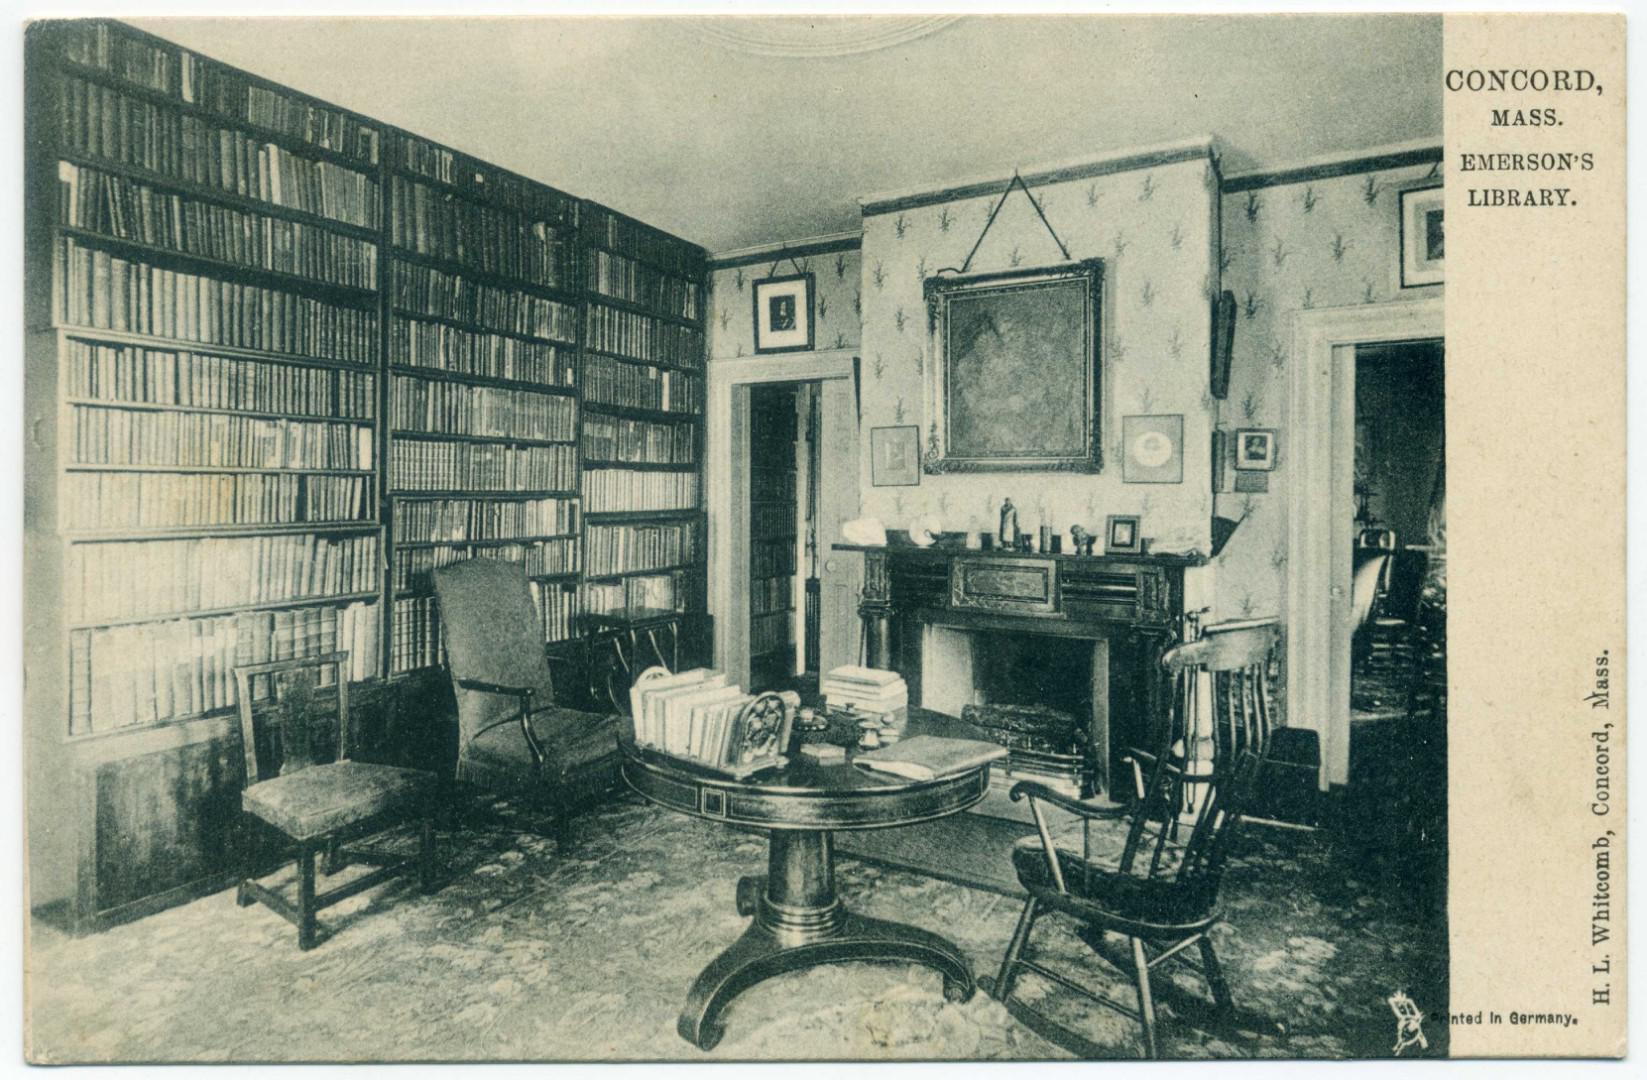 Concord: Emerson's Library